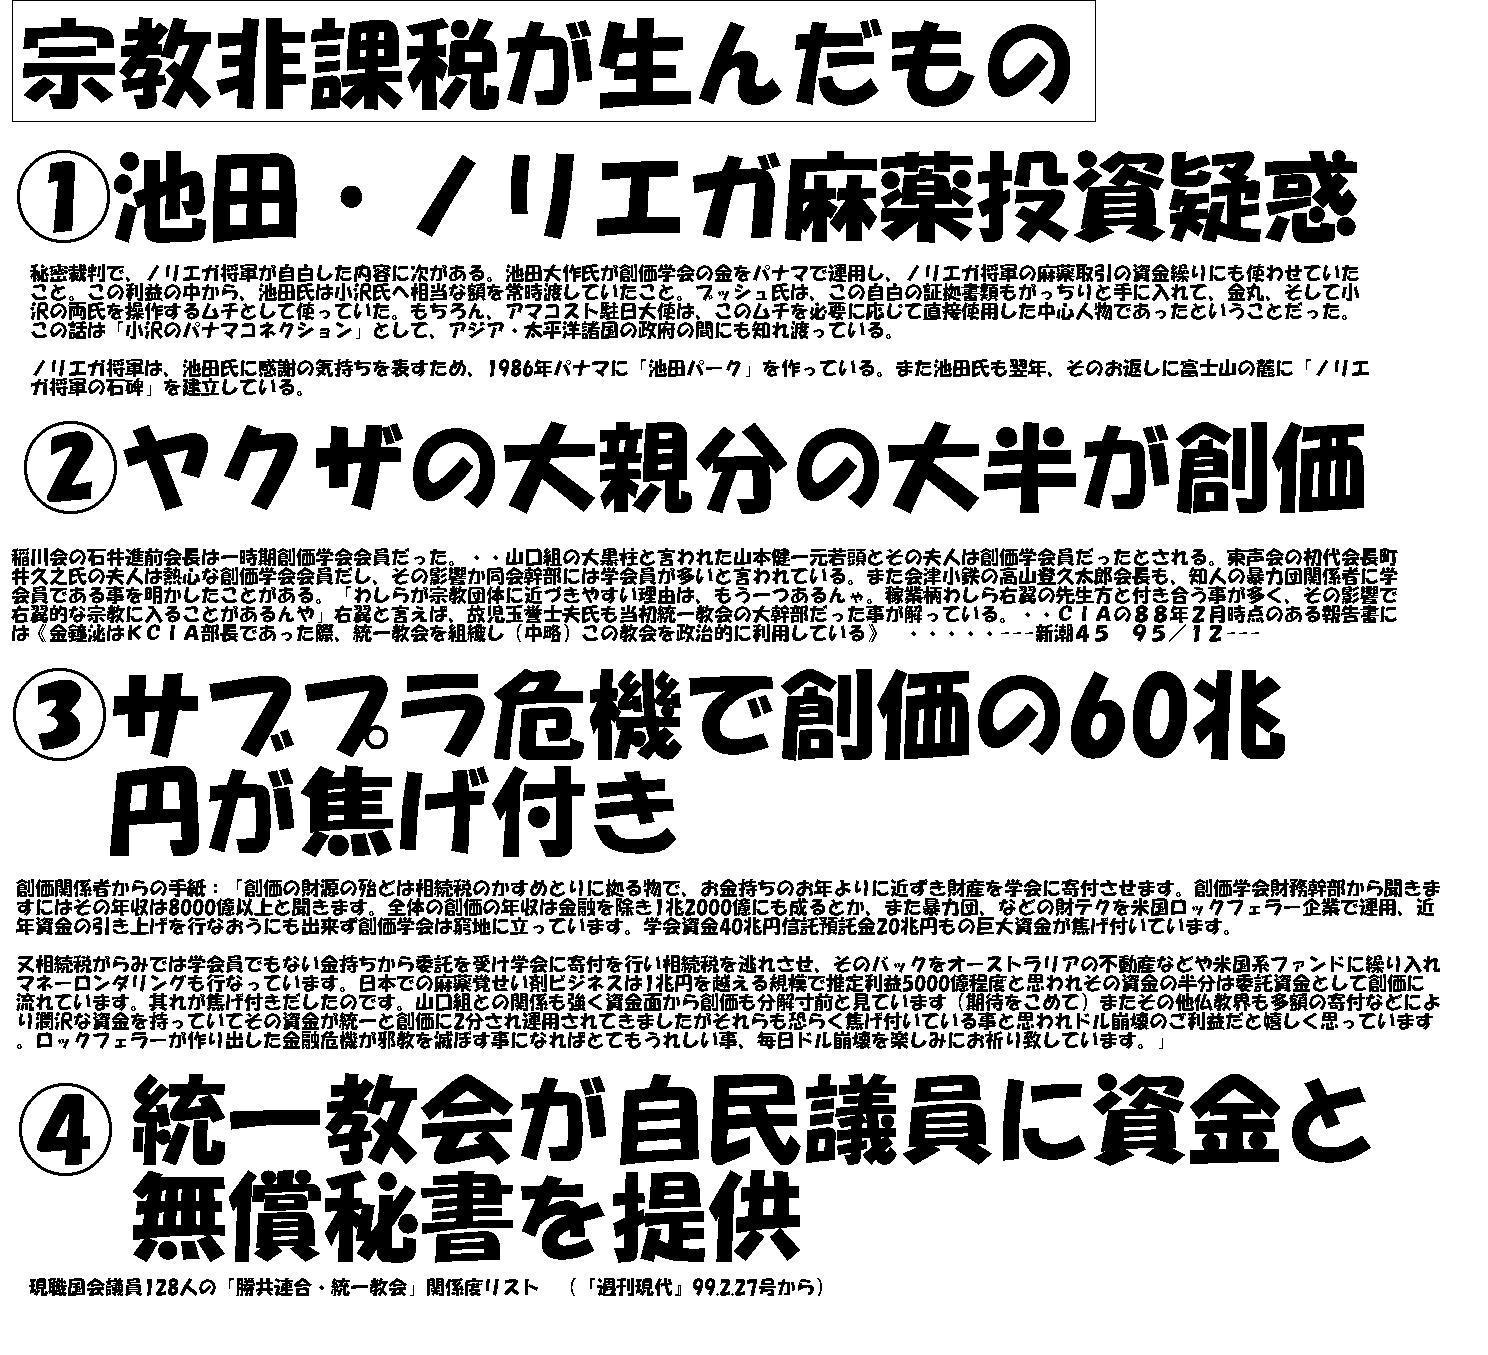 9月6日神戸講演会の資料その2です。